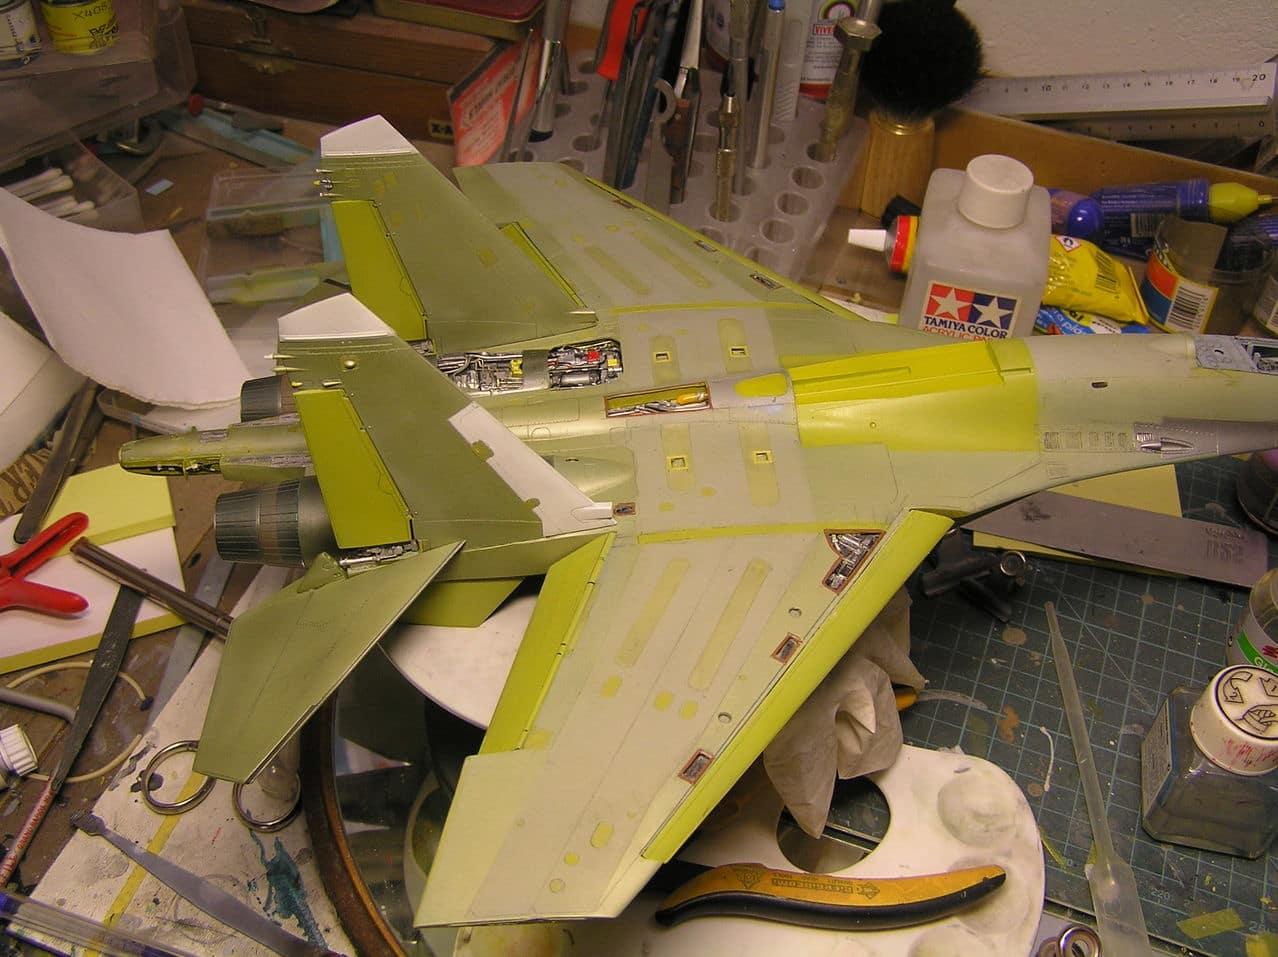 ...καπως ετσι αρχισαν ολα...Su-27  και τα μυαλα στα καγκελα... - Σελίδα 4 P1010195